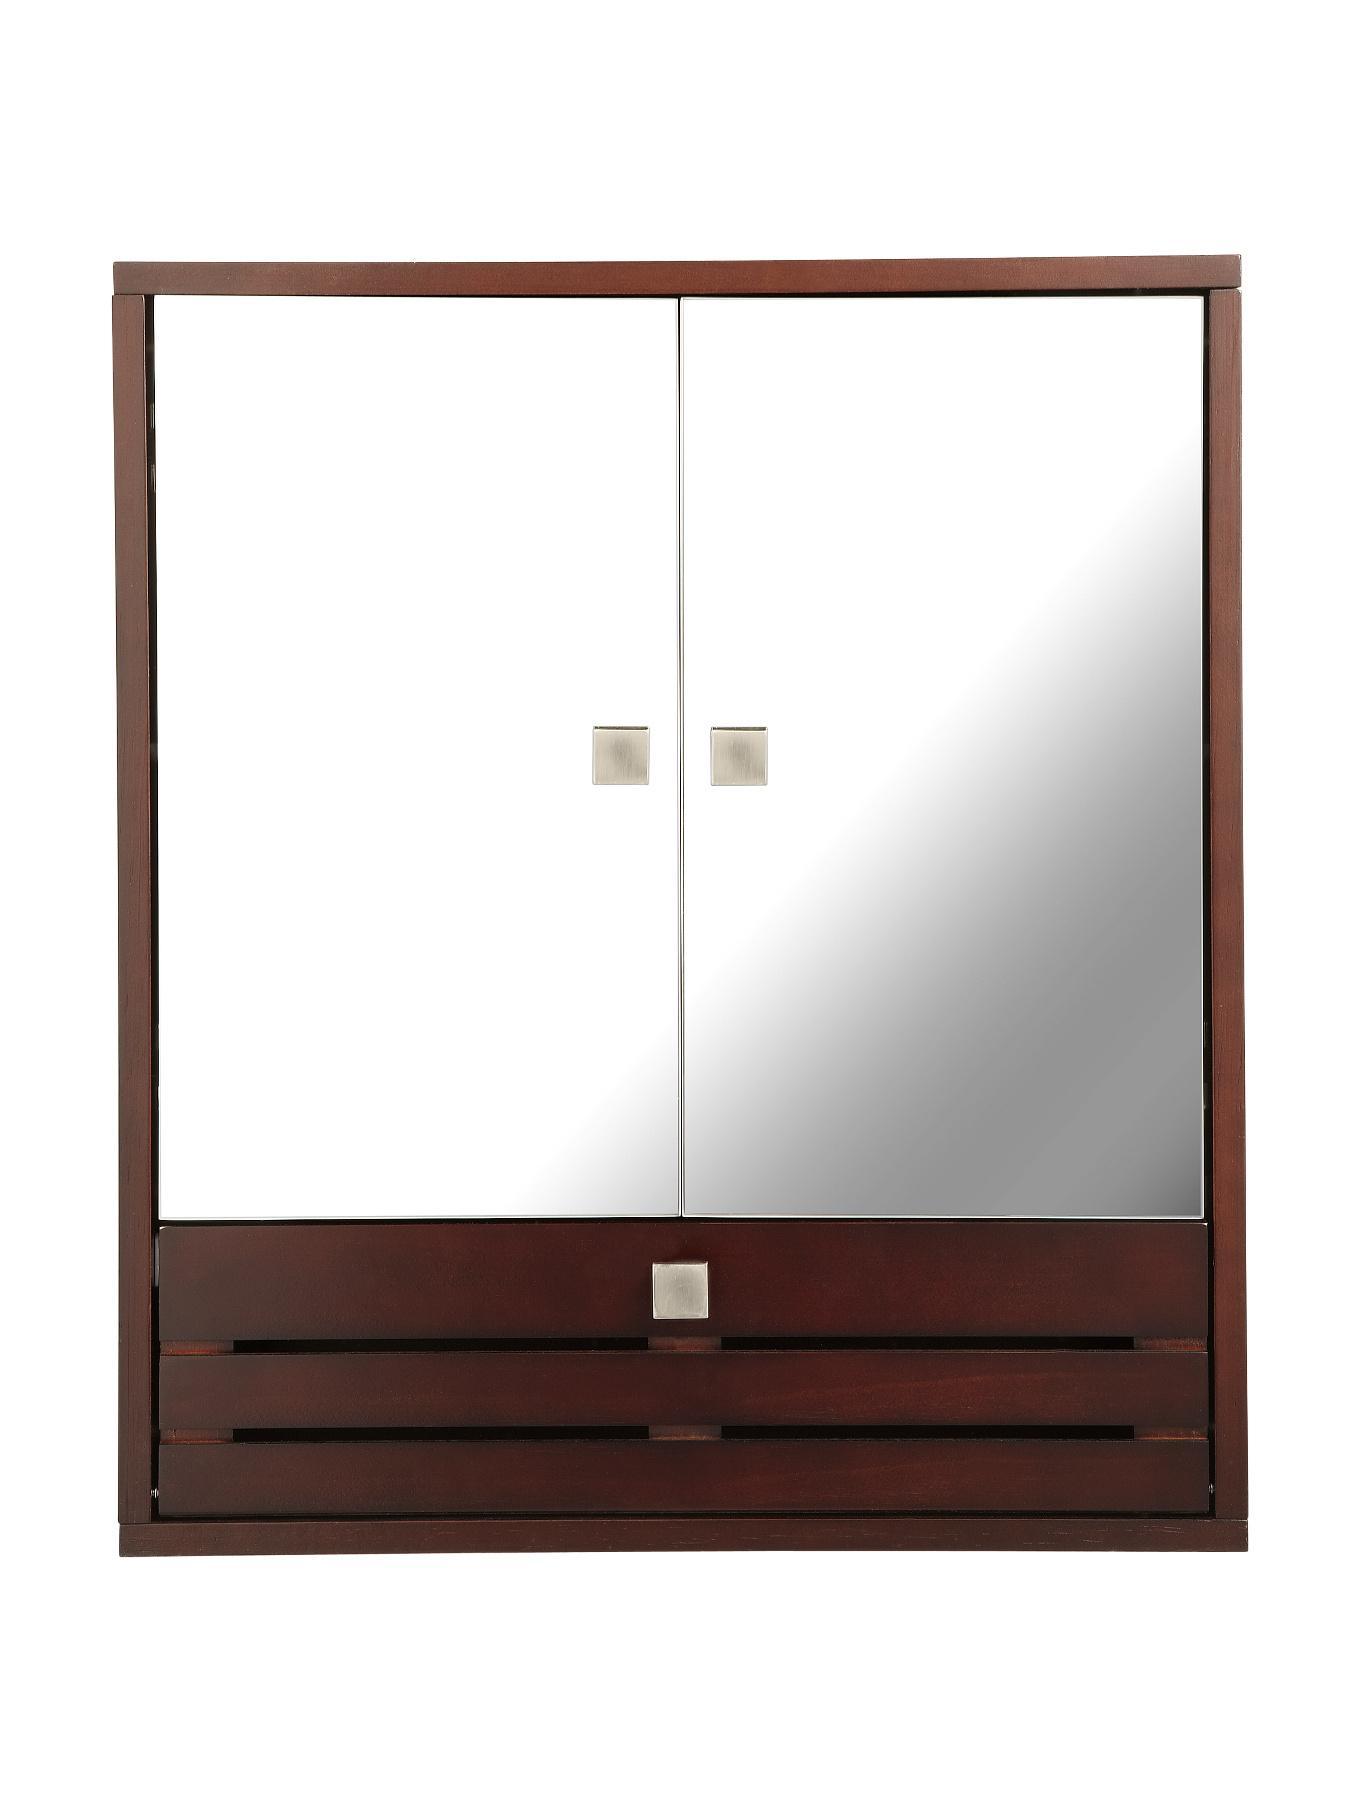 Slatted 3-Door Mirrored Bathroom Cabinet - Dark Wood